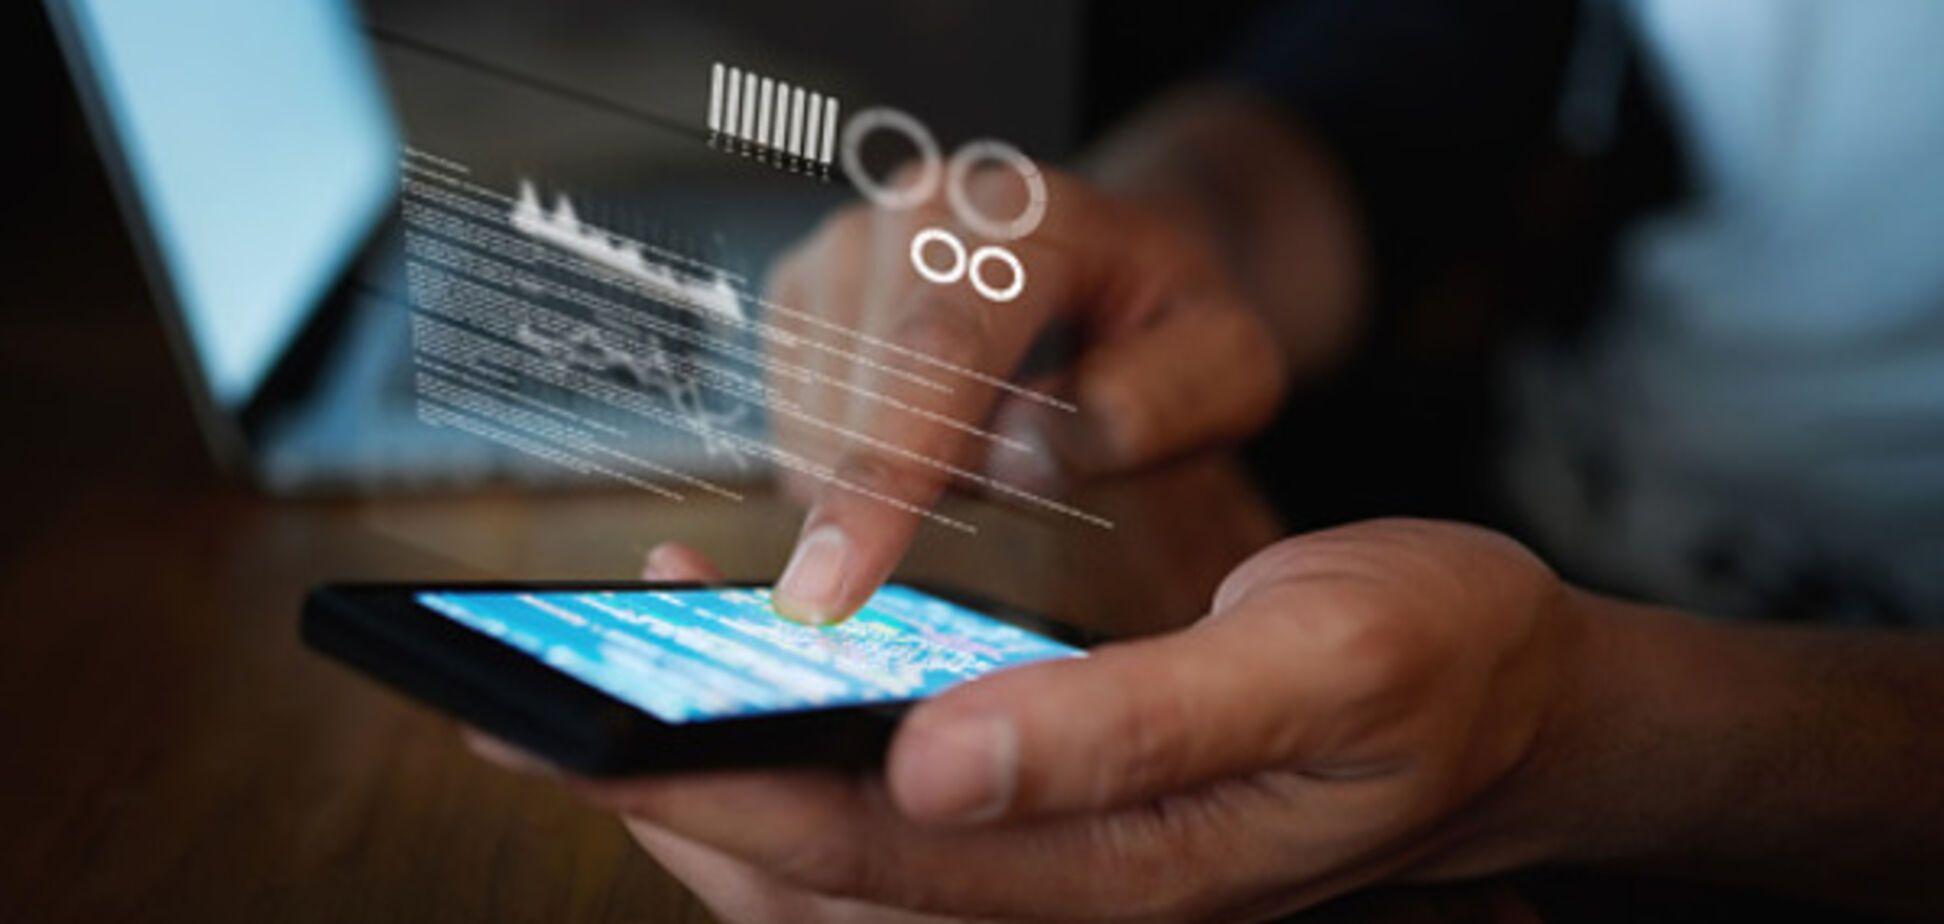 Всплеск мошенничества с банковскими картами и СМС: как не стать жертвой